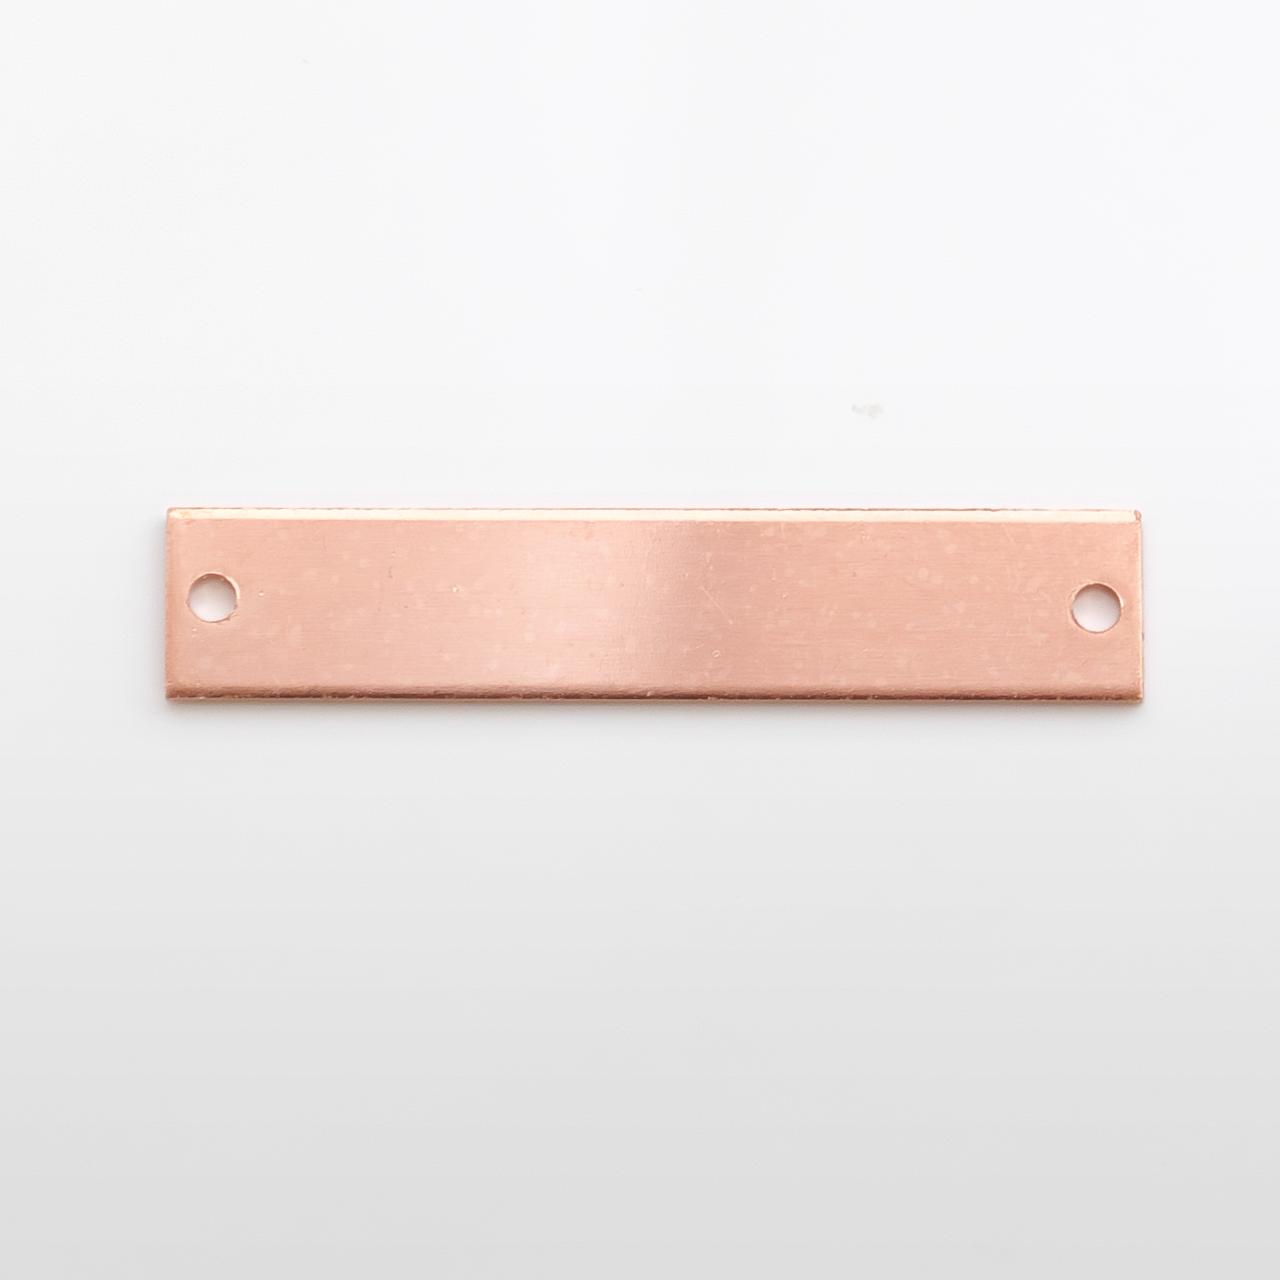 Copper Bracelet piece, 40x8mm - Pack of 10 (608-CU)